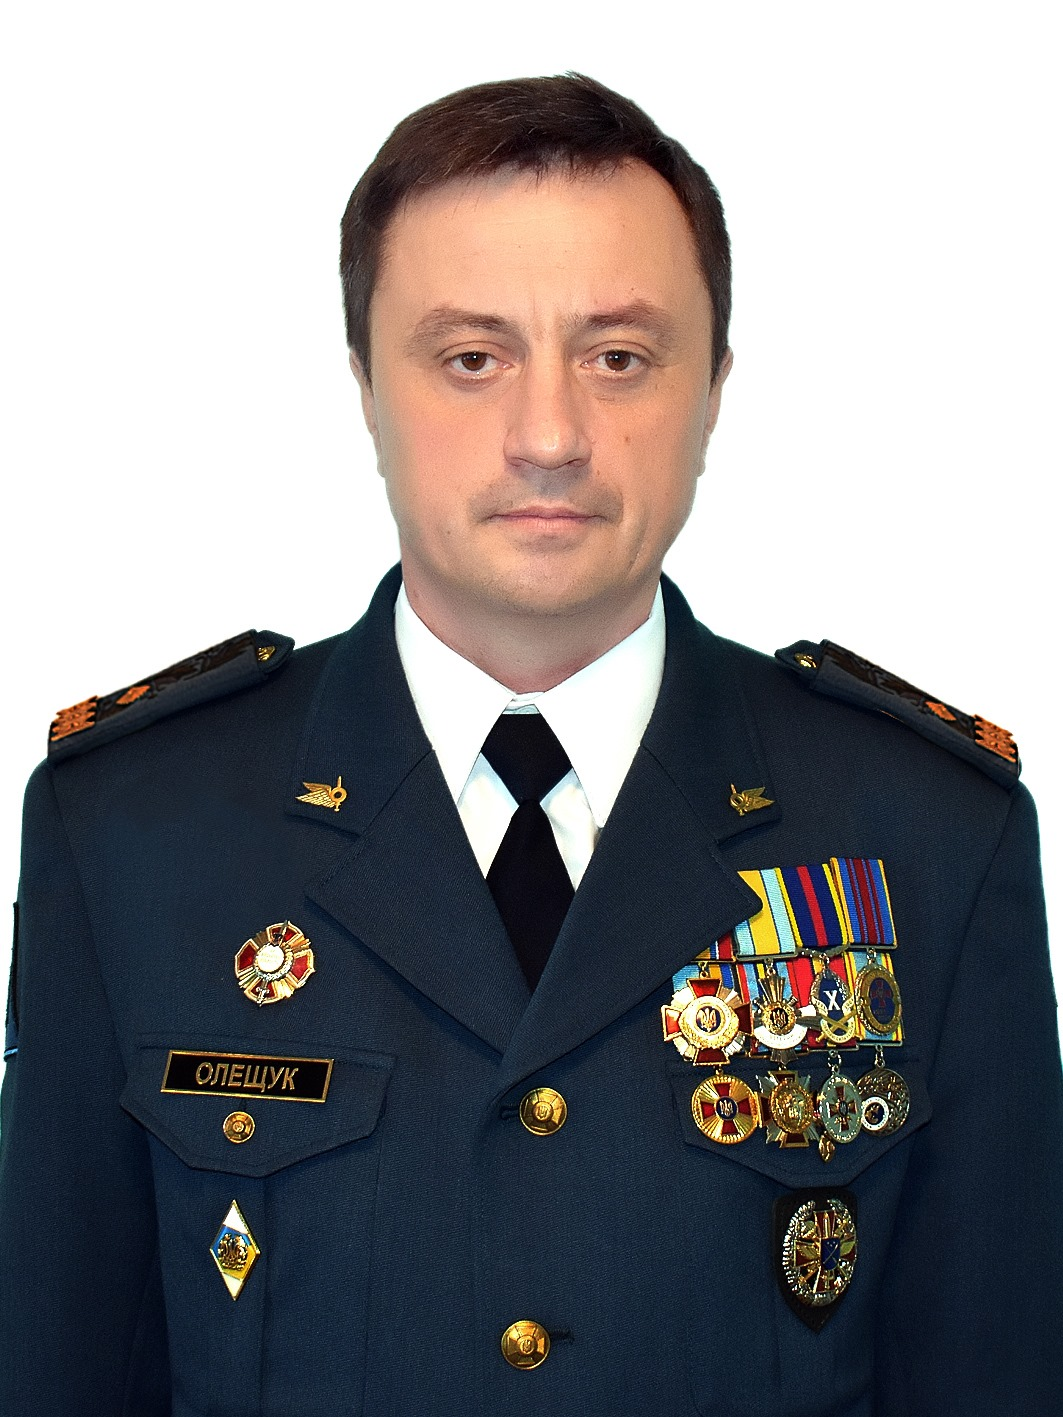 Микола Олещук